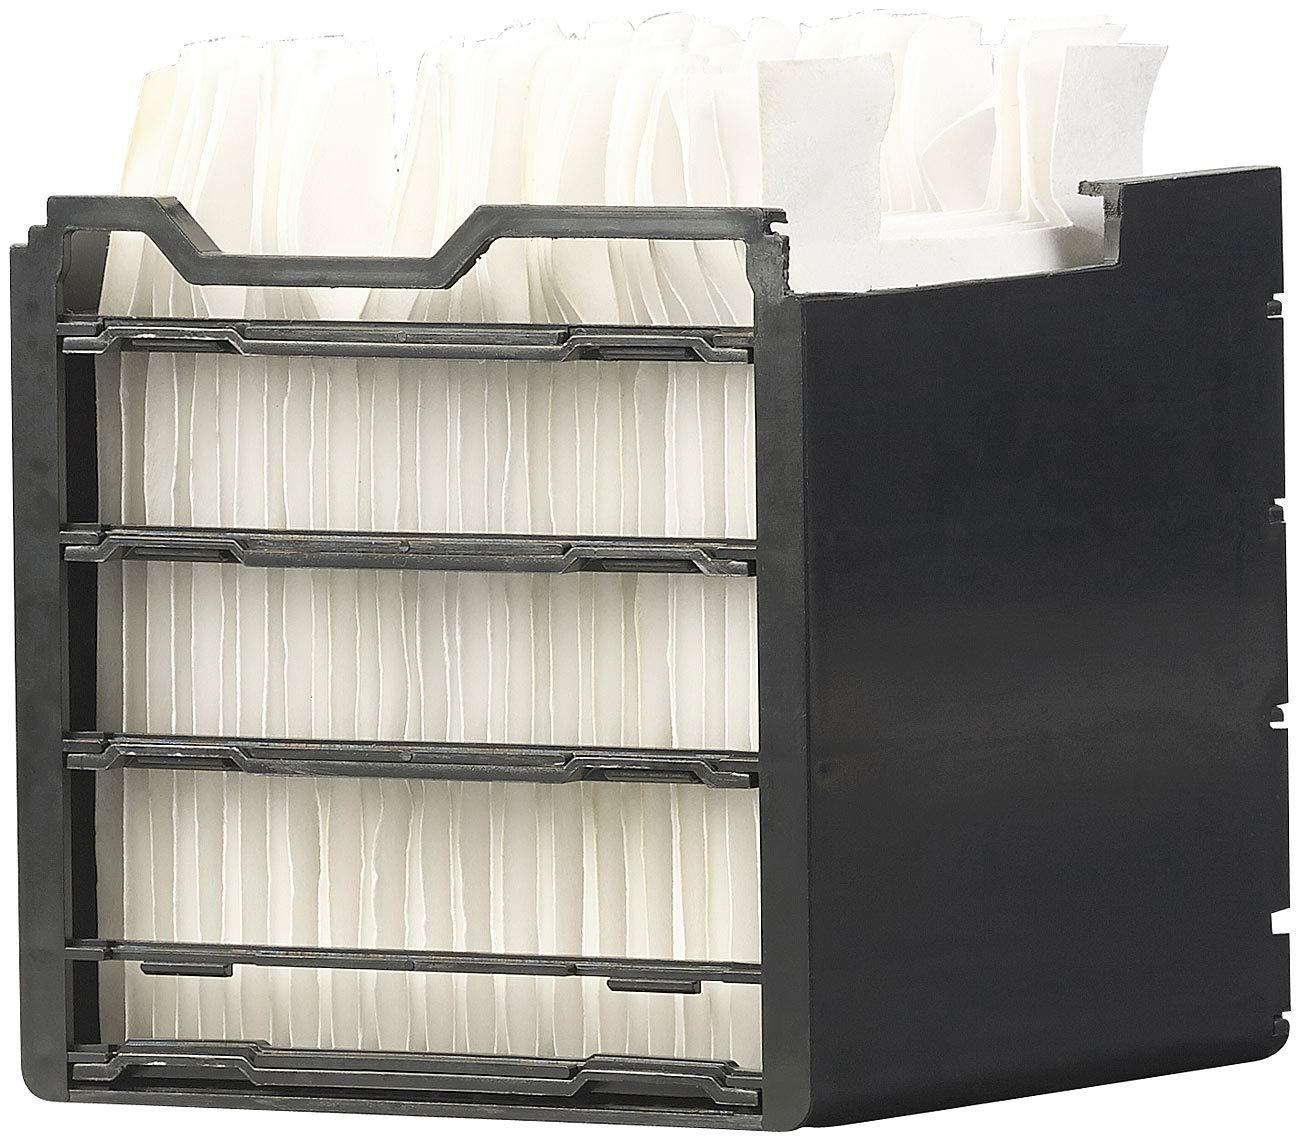 Sichler Haushaltsger/äte Zubeh/ör zu 3in1-Luftk/ühler Ersatzfilter f/ür USB-Tisch-Luftk/ühler LW-105 und LW-115 Camping-Luftk/ühler